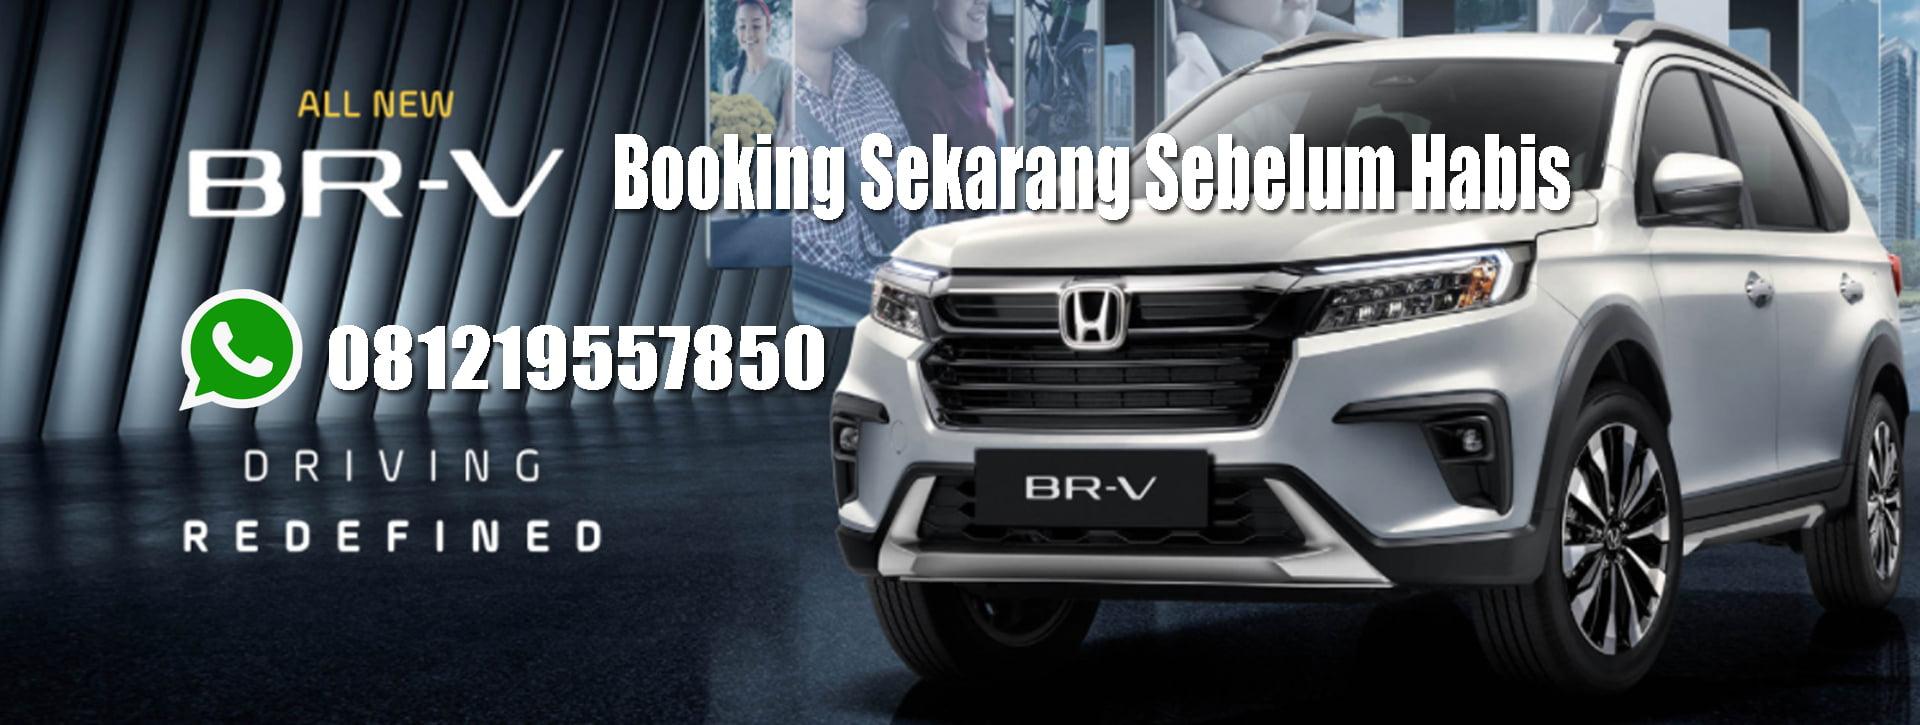 Segini Indent Honda All new Brv